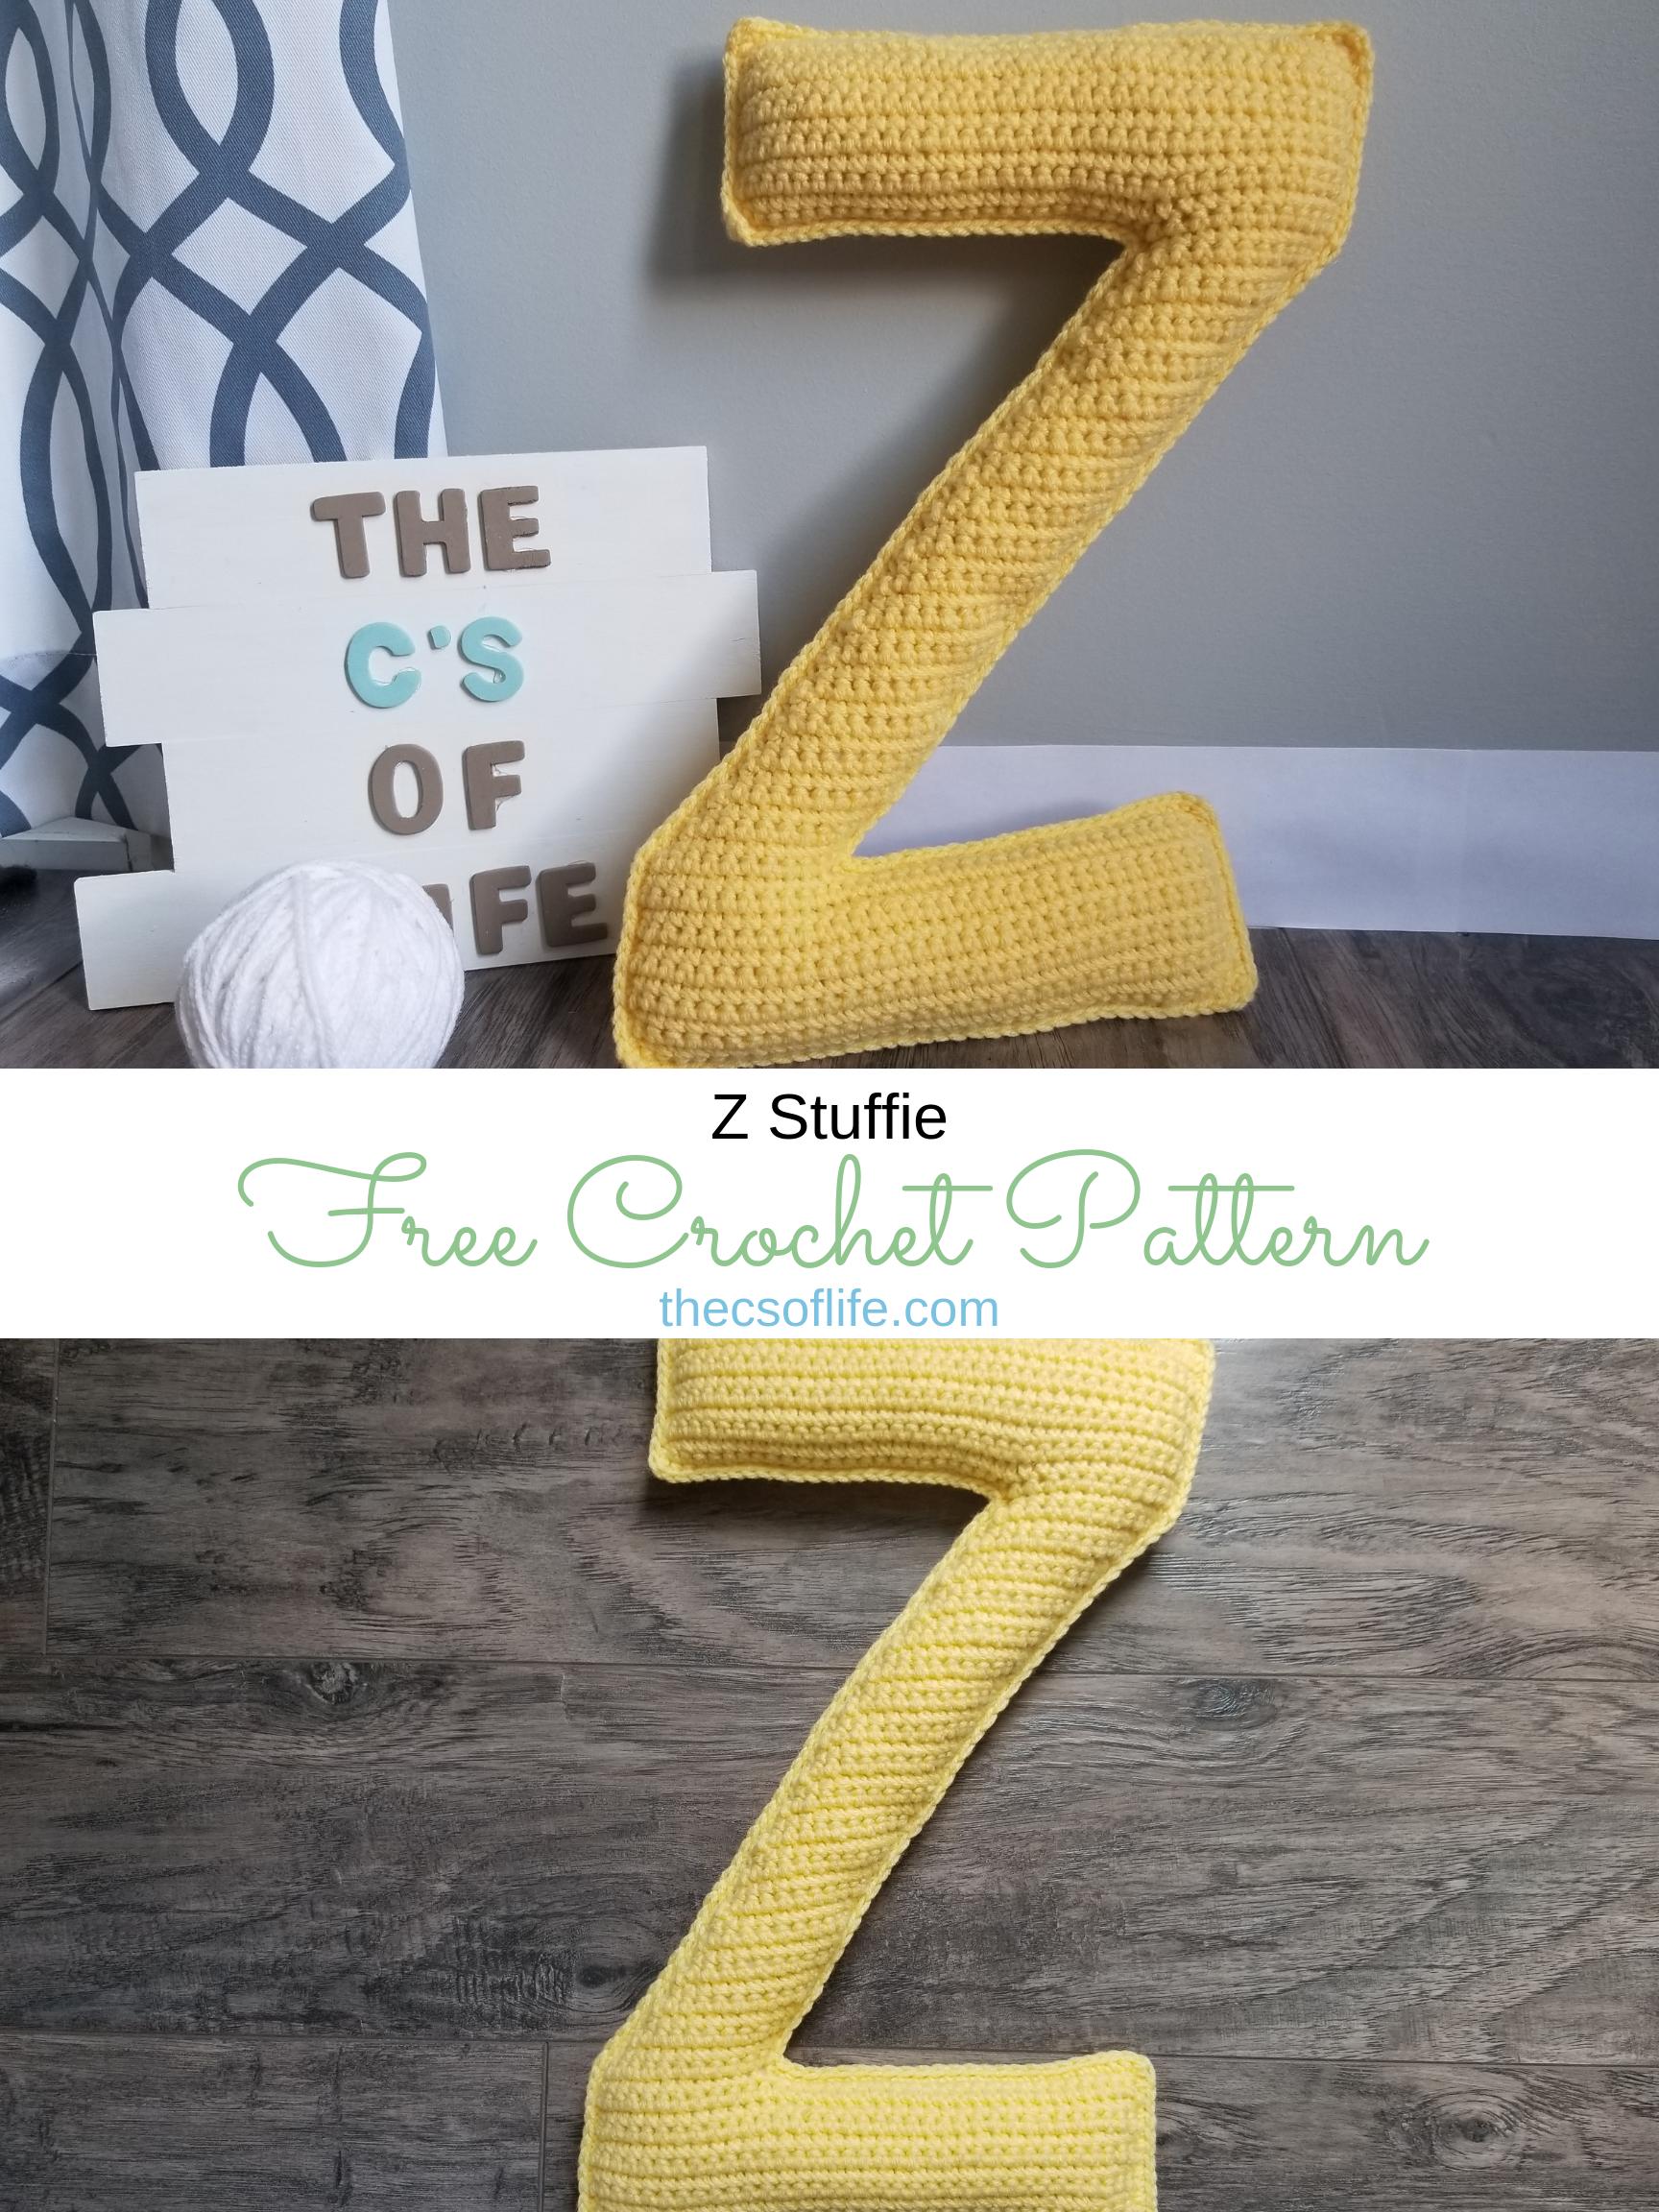 Z Stuffie - Free Crochet Pattern